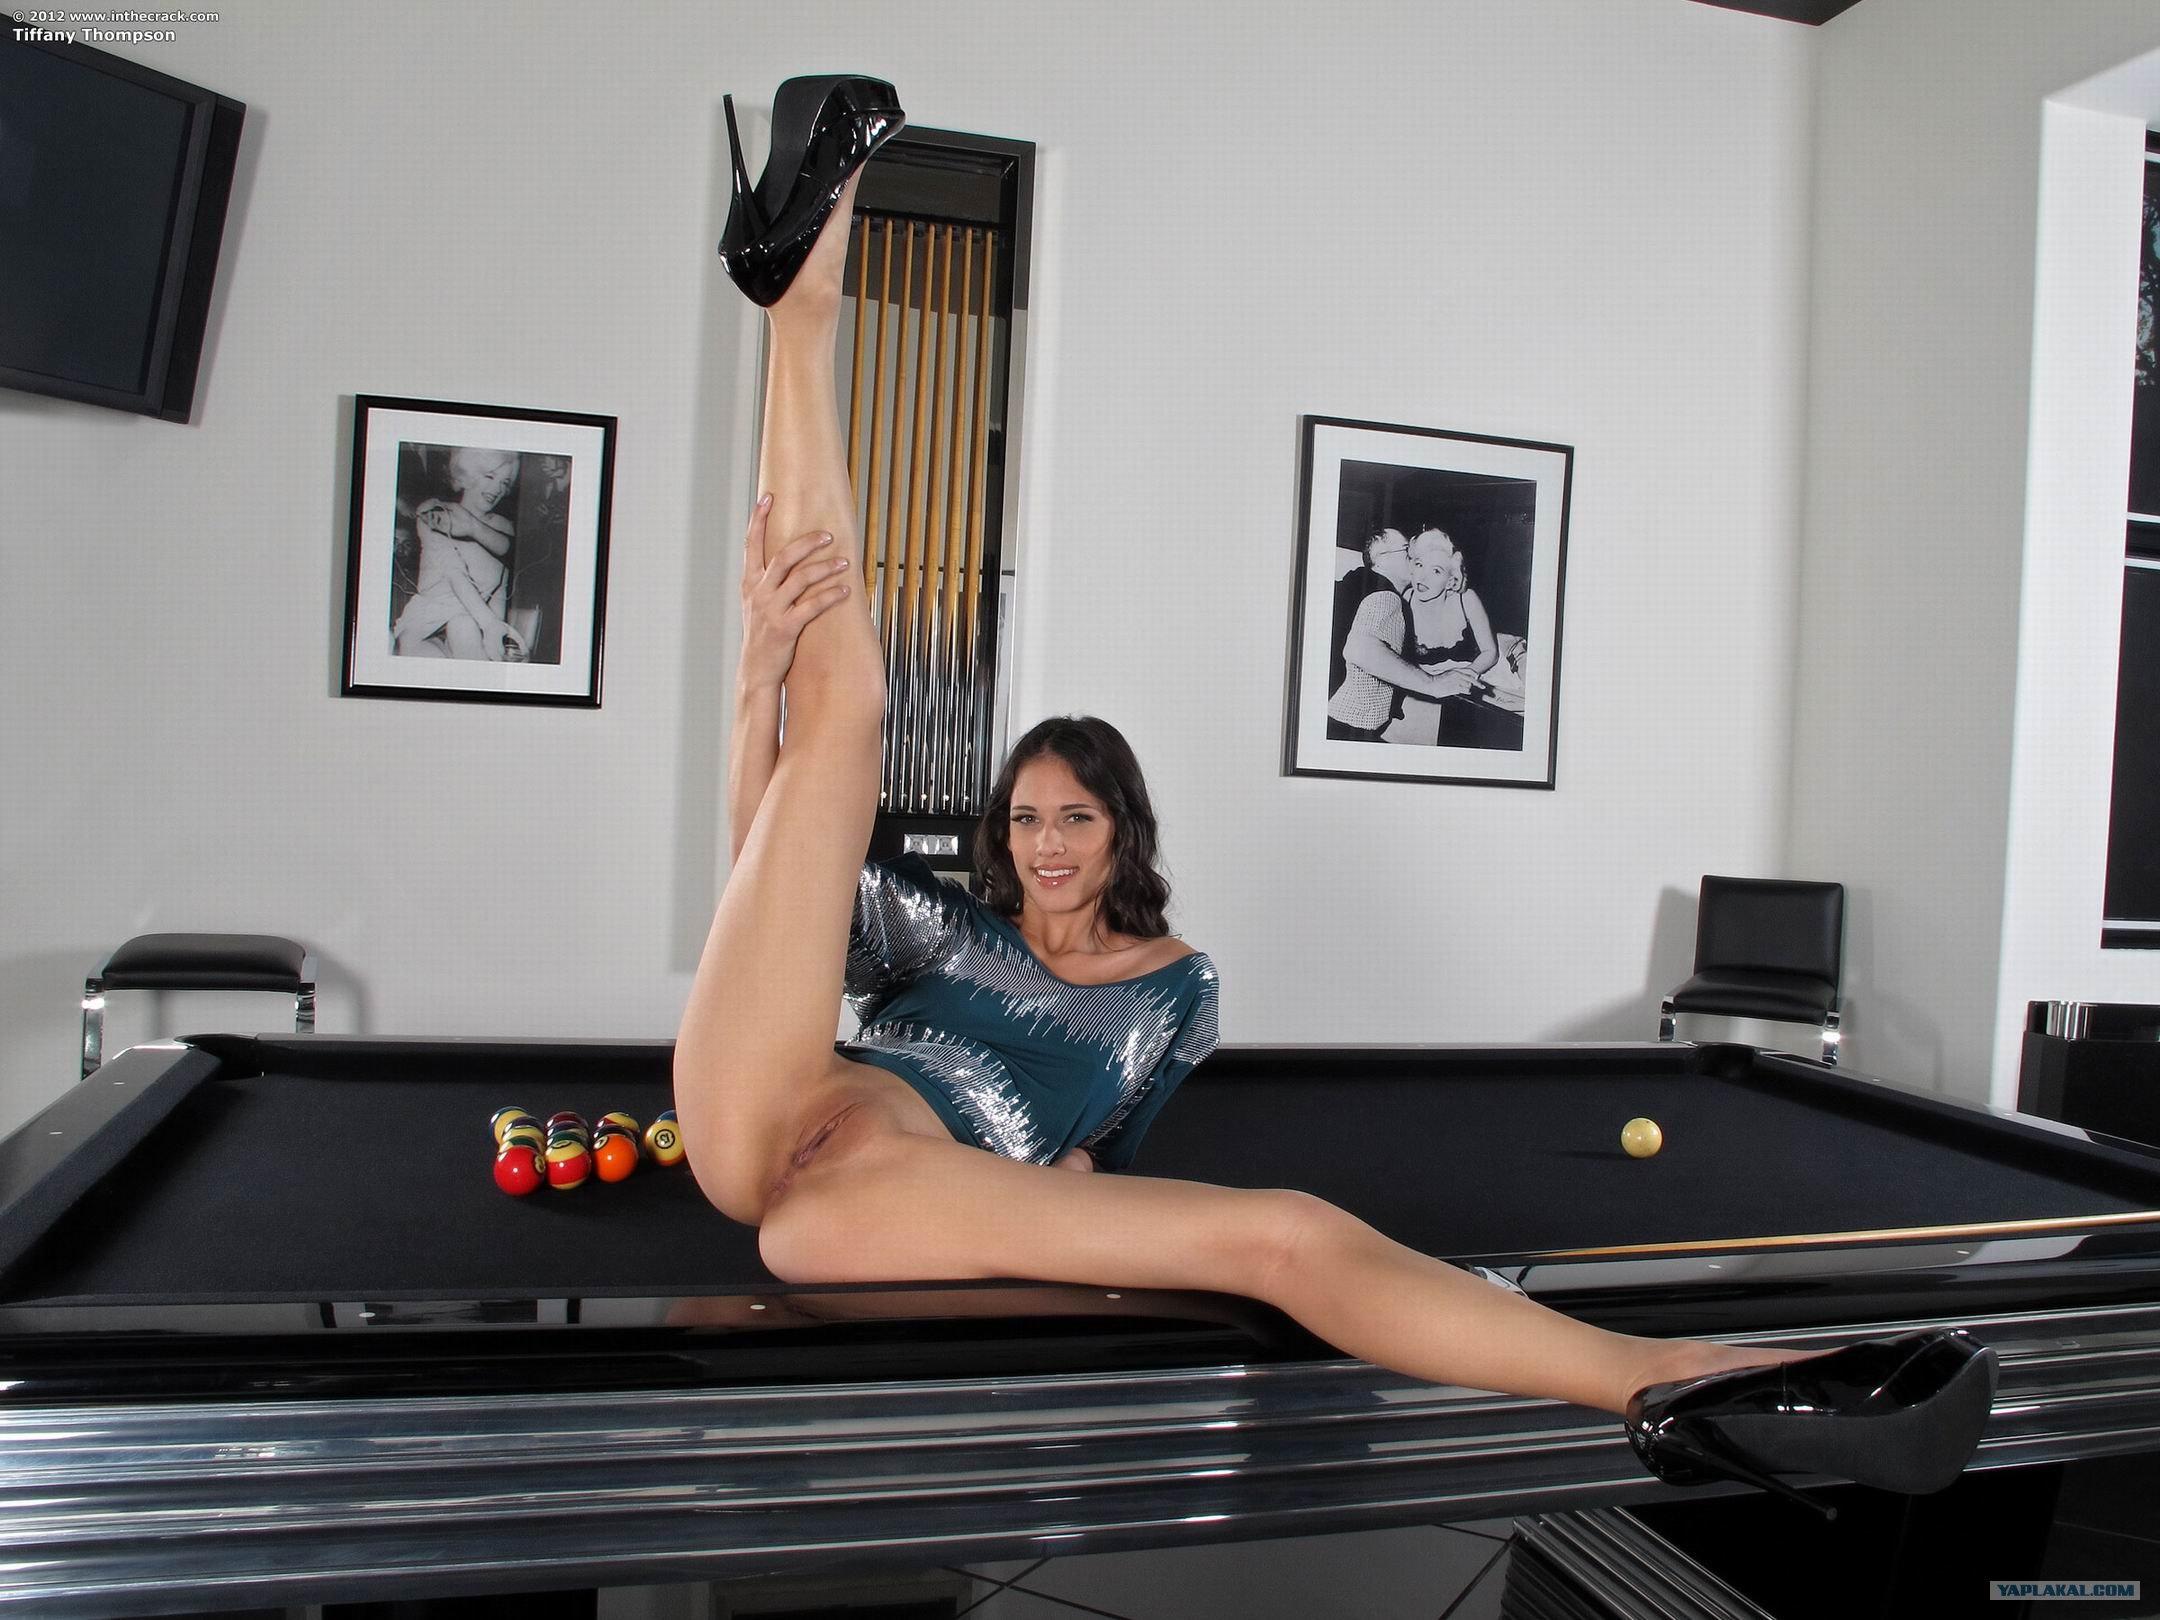 Смотреть онлайн секс за бильярдным столом 21 фотография